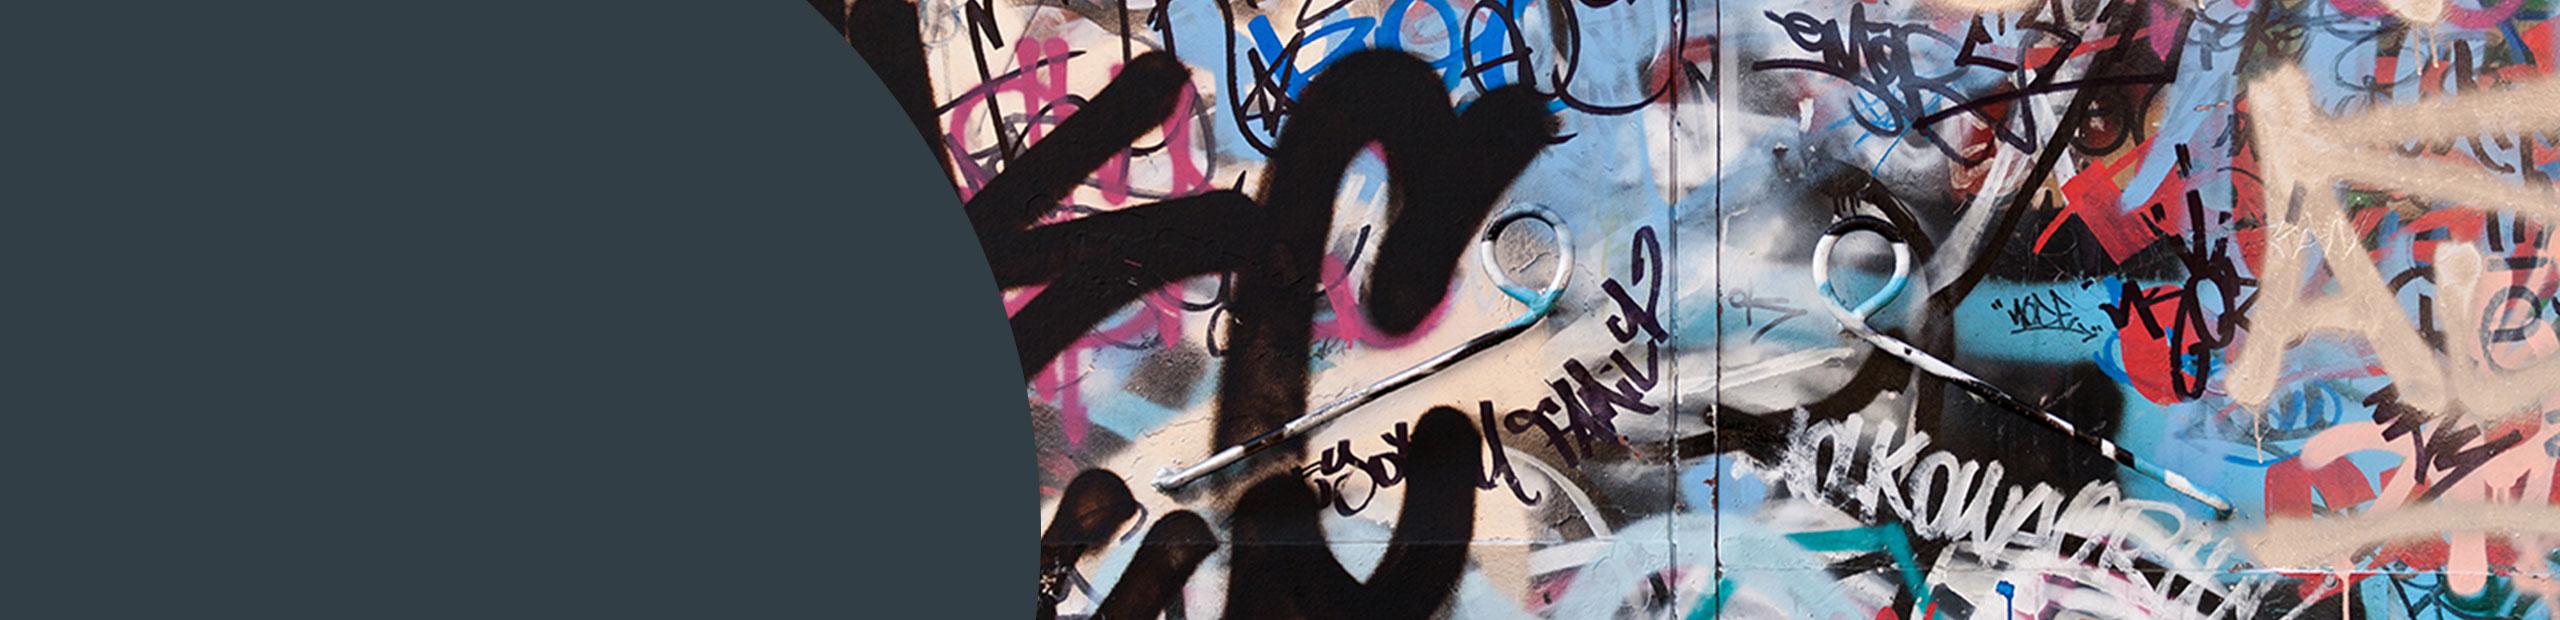 Graffiti Removal Essex